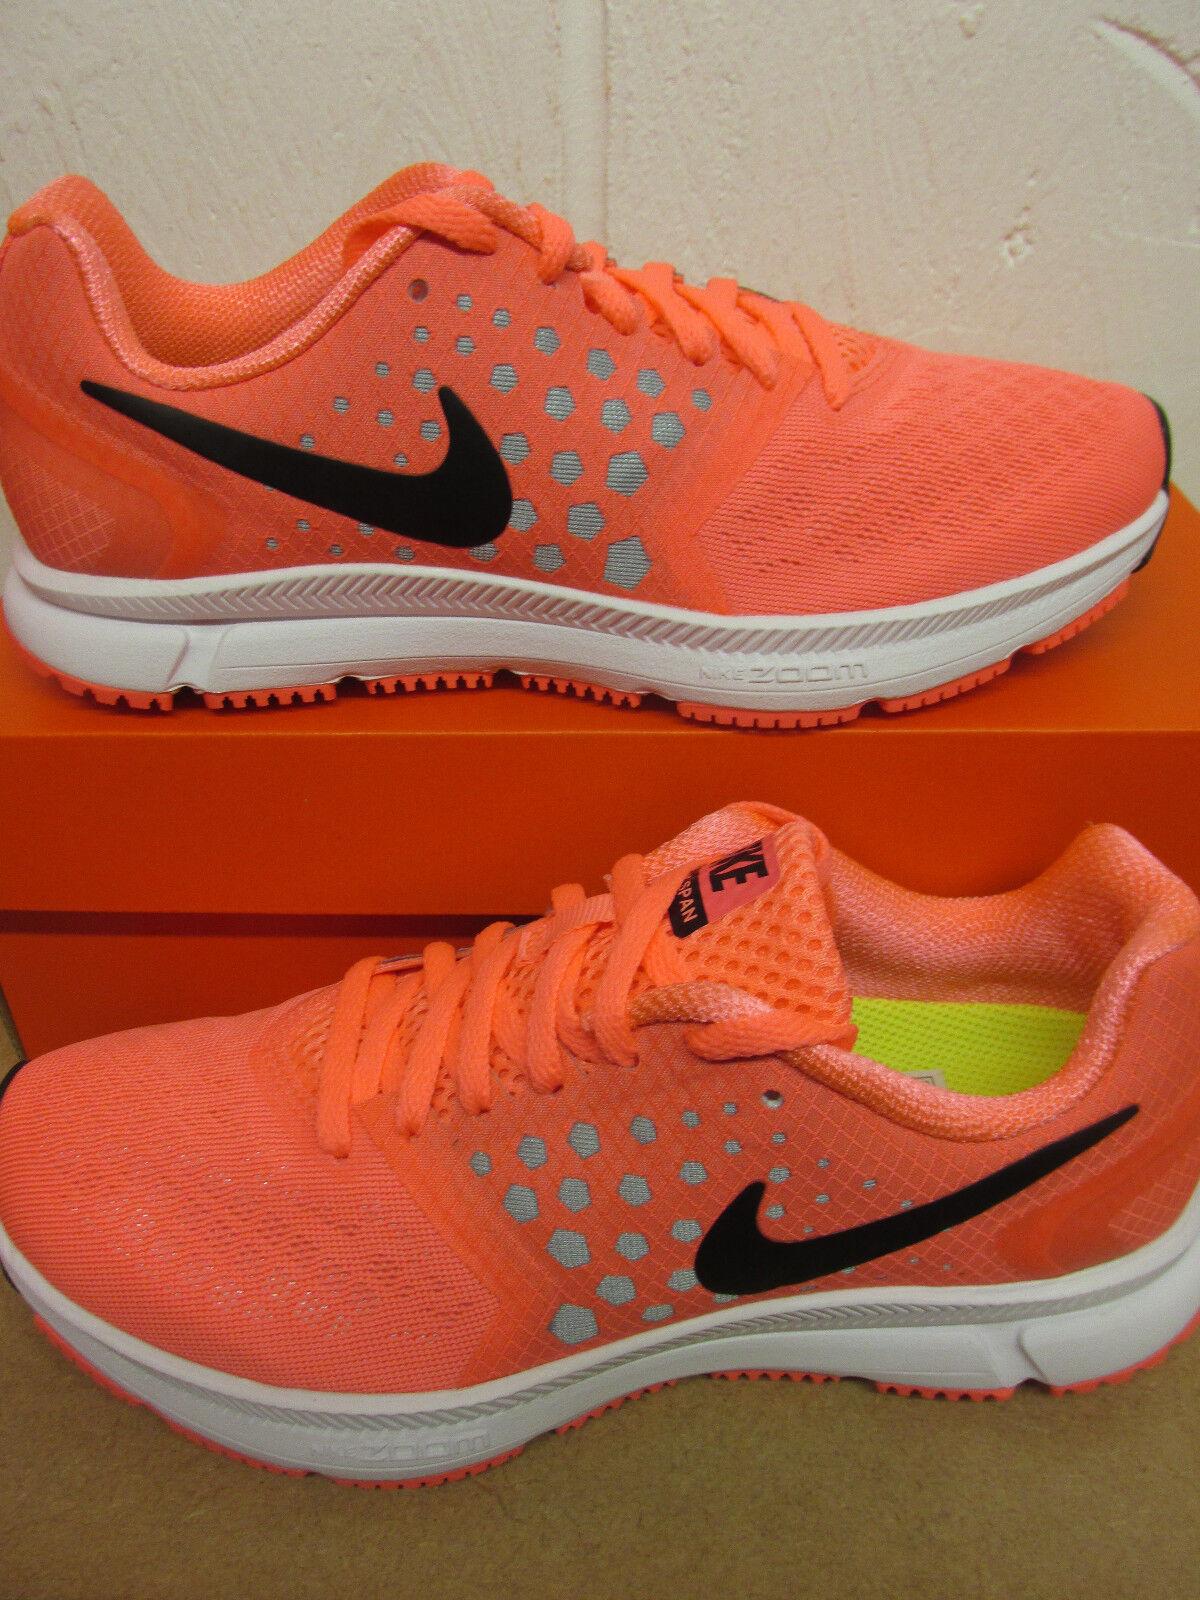 Nike donne zoom span correndo i formatori 852450 601 scarpe, scarpe | Abbiamo Vinto La Lode Da Parte Dei Clienti  | Uomini/Donne Scarpa